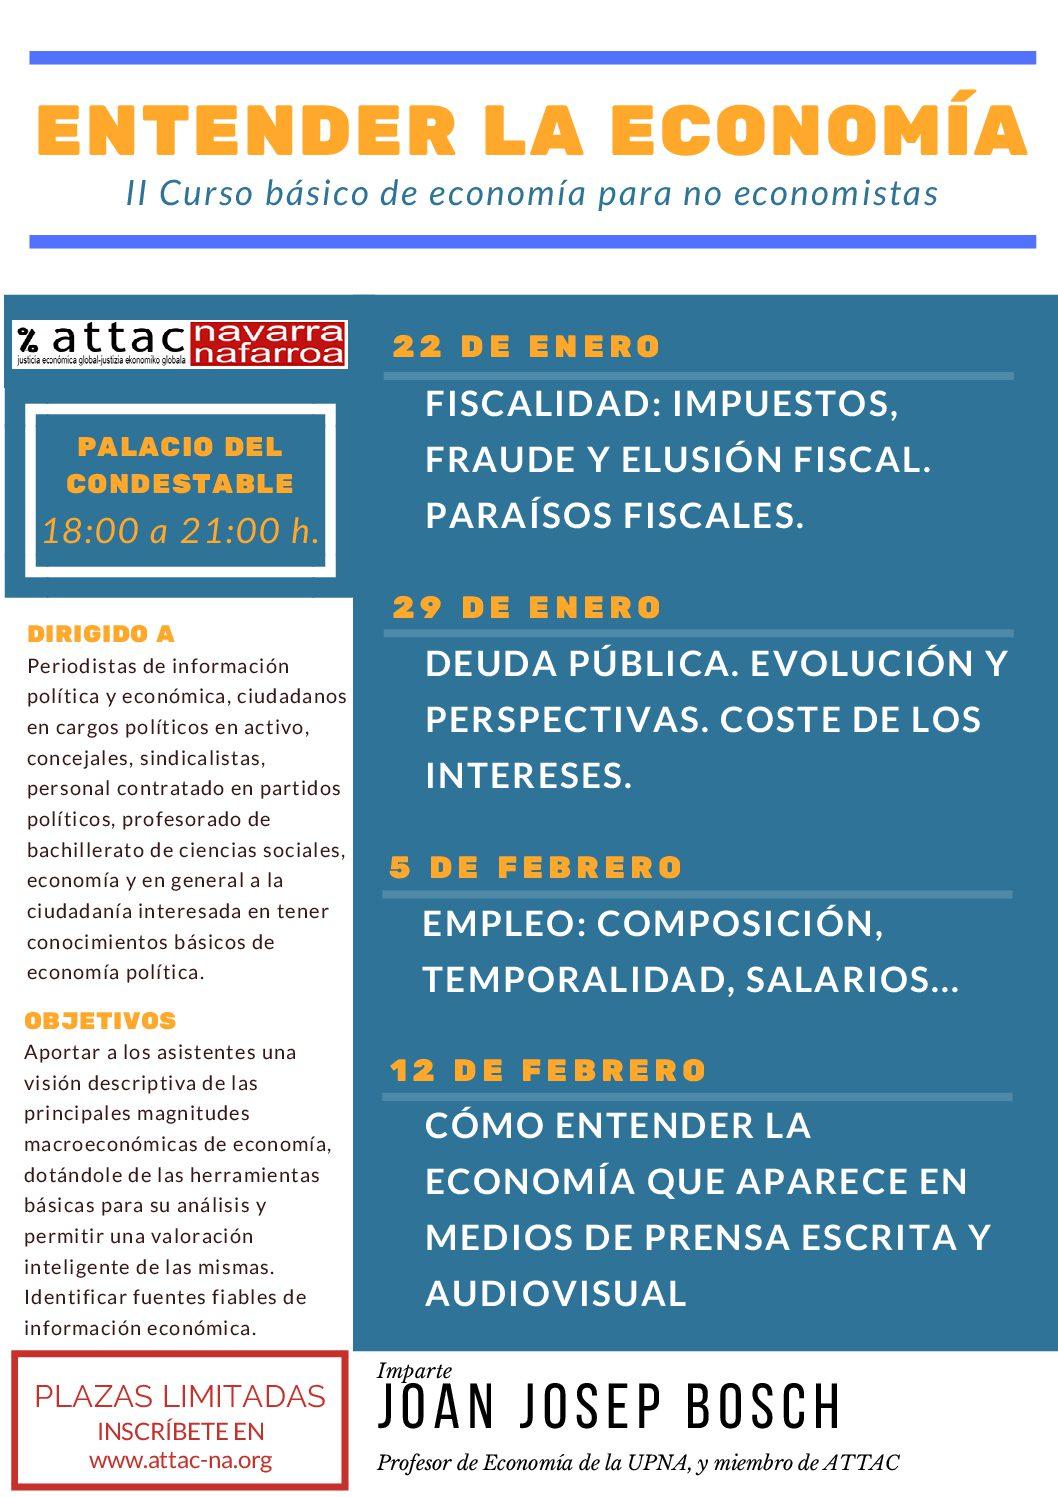 II Curso de Economía Básica